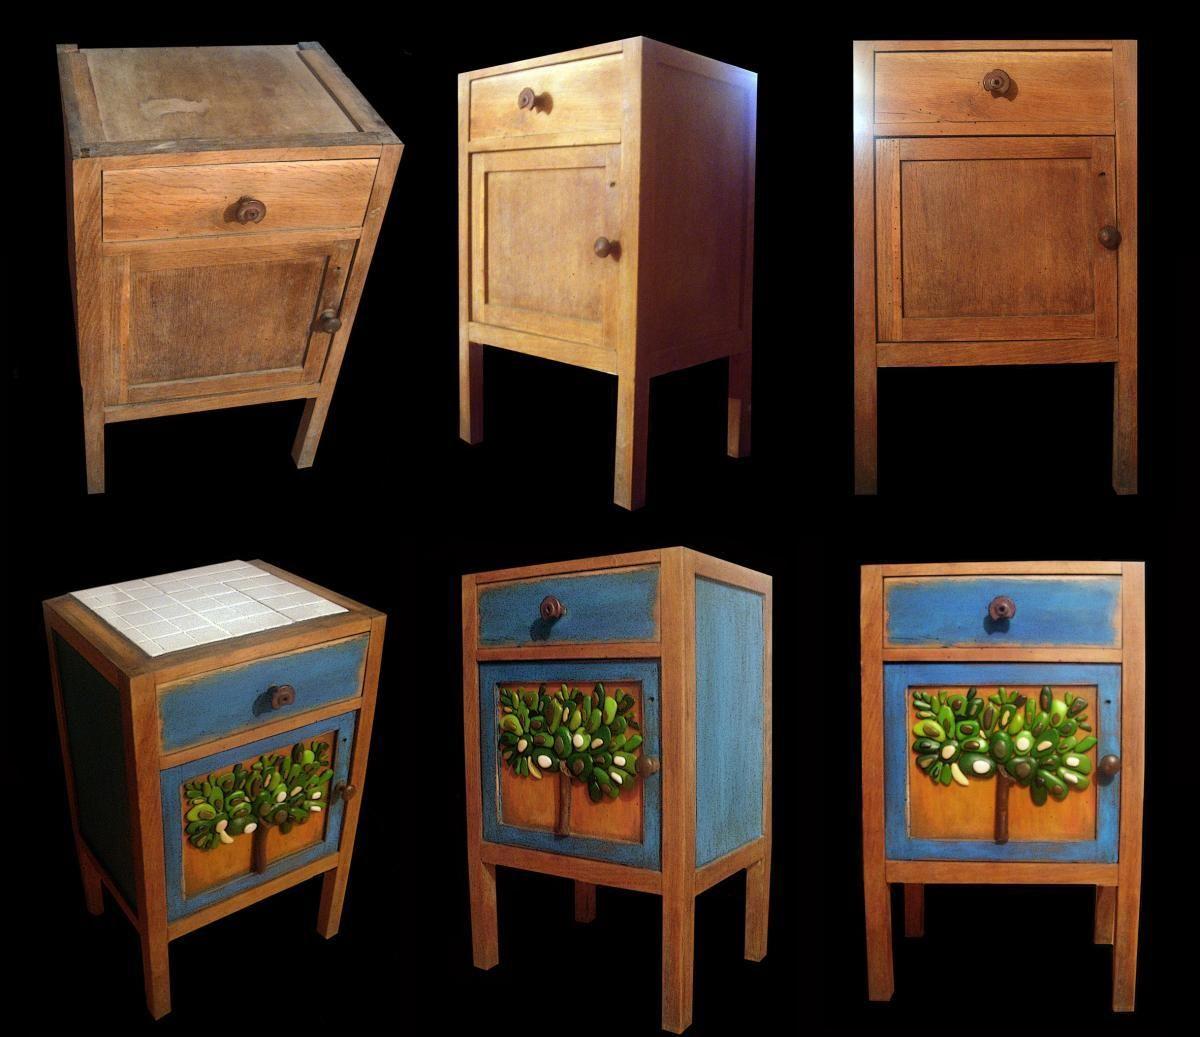 Dipingere mobili vecchi xw84 regardsdefemmes - Mobili vecchi da ristrutturare ...